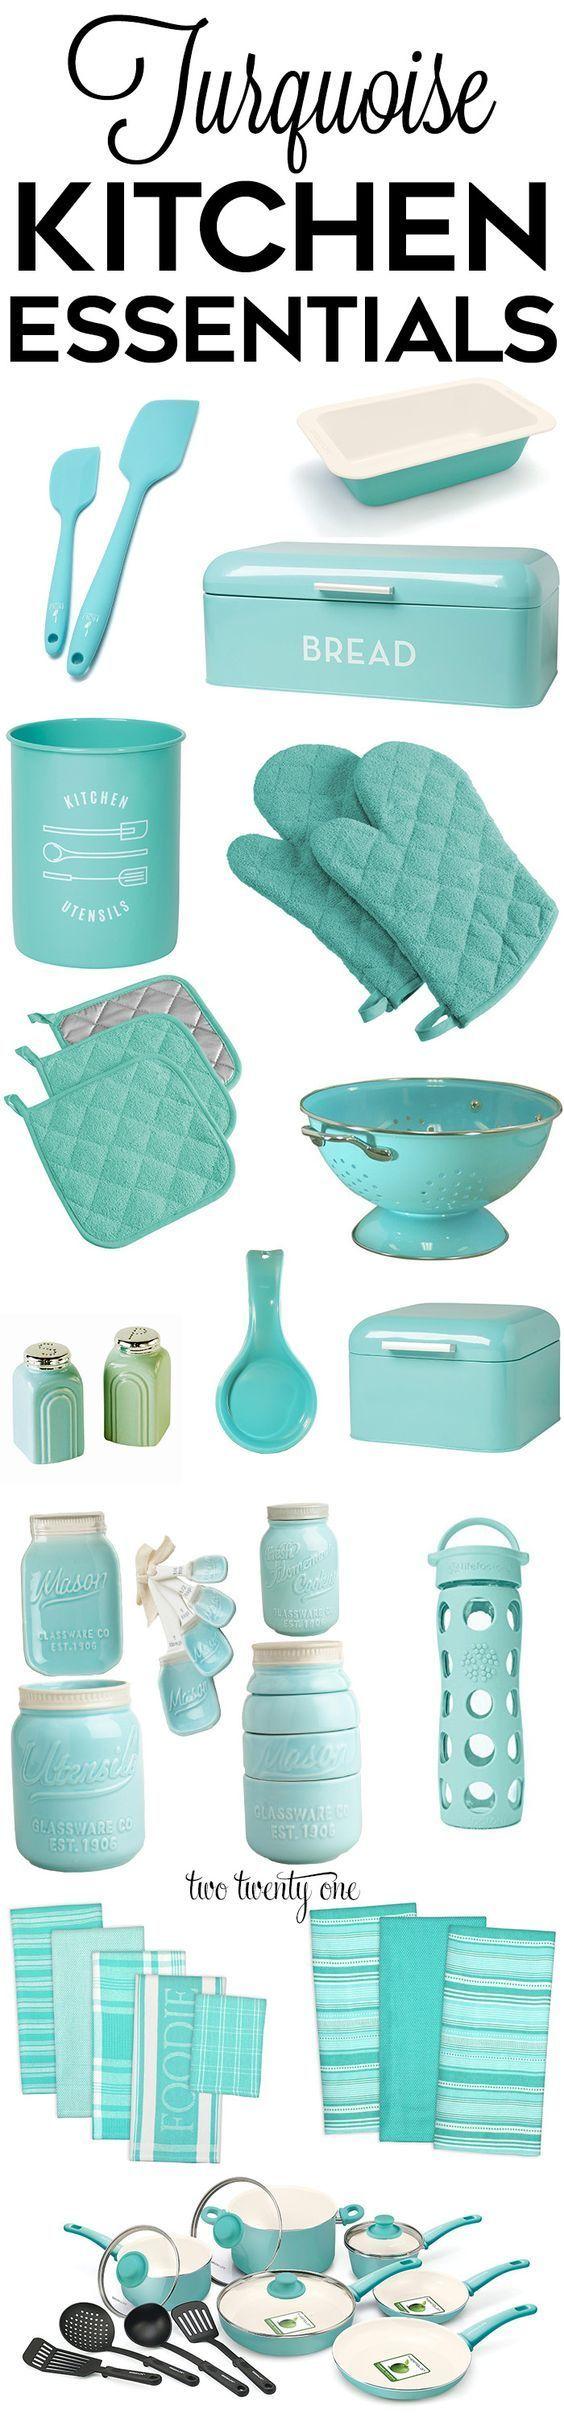 41 best kitchen images on Pinterest | Kitchen utensils, Kitchen ...